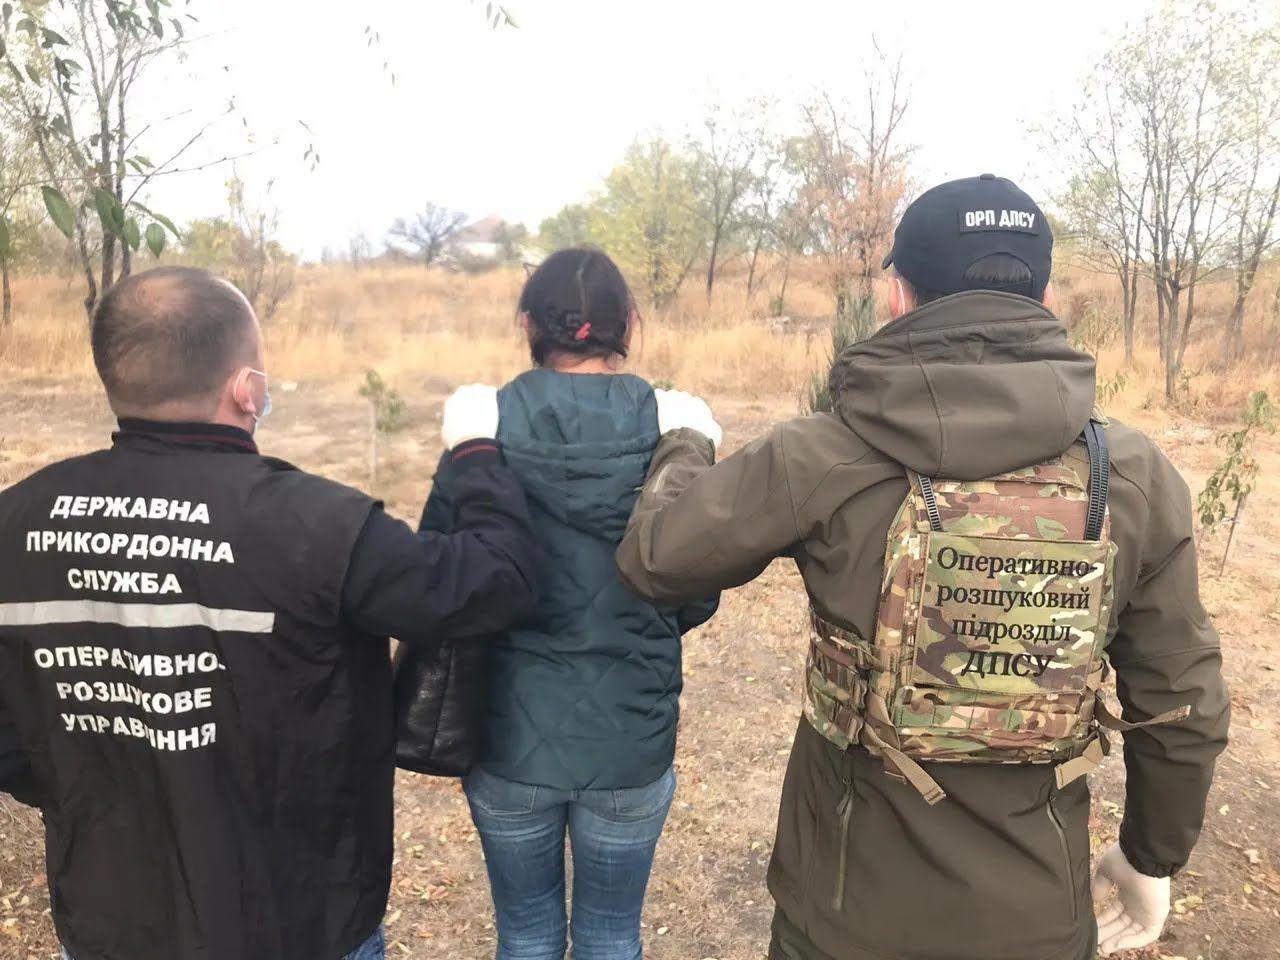 На Донбассе задержали пособницу террористов